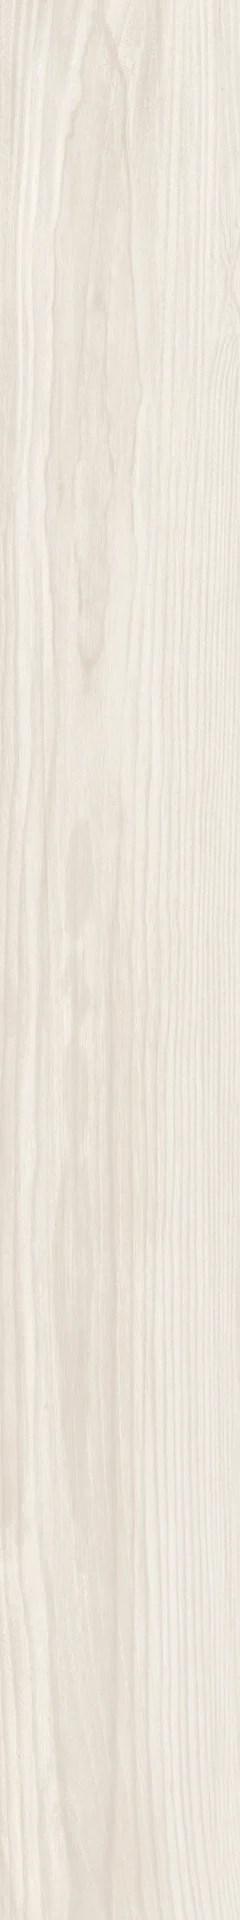 Carrelage 15 X 15 Blanc Leroy Merlin